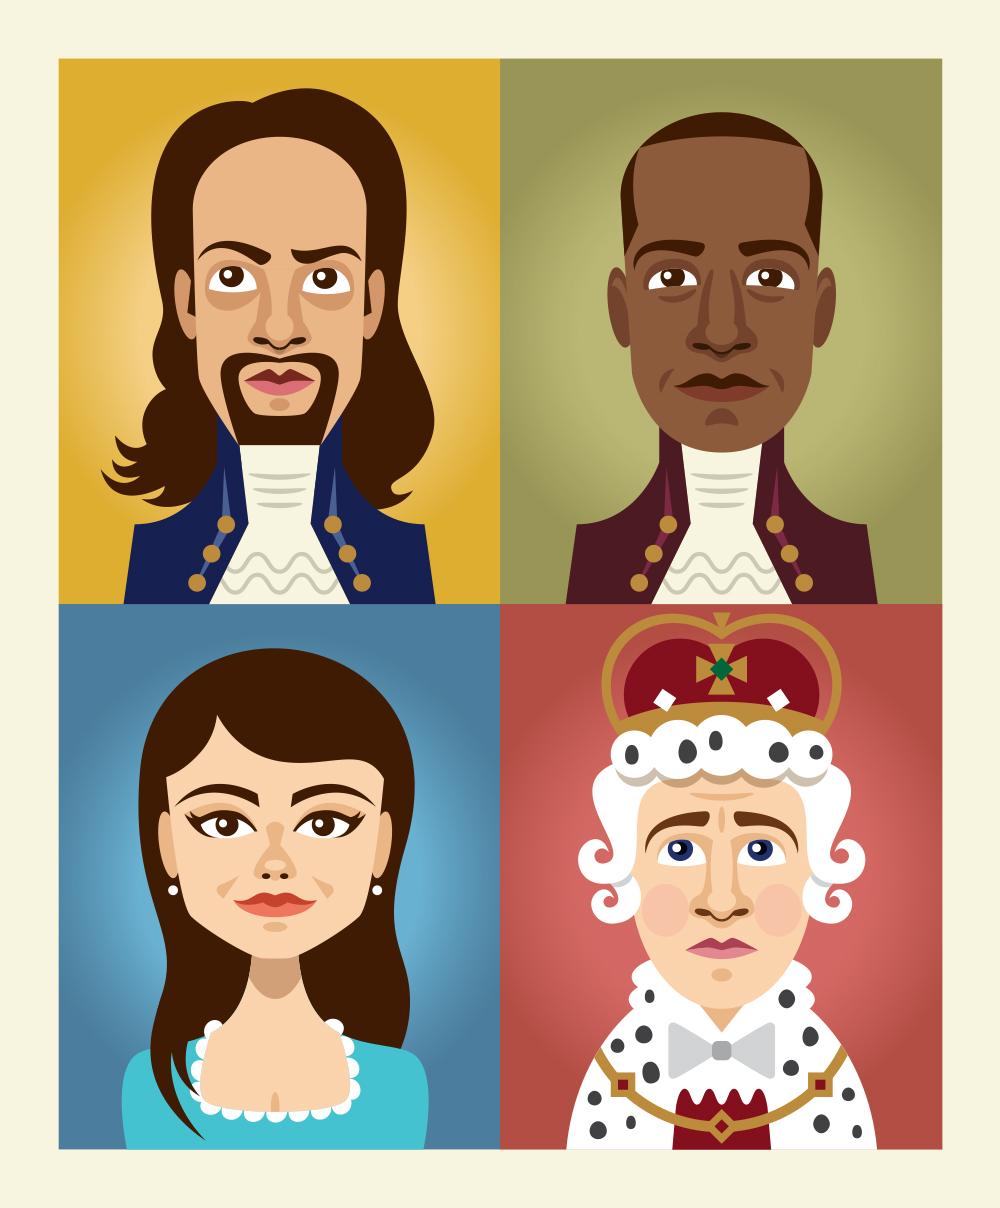 Hamilton_illustrations.jpg